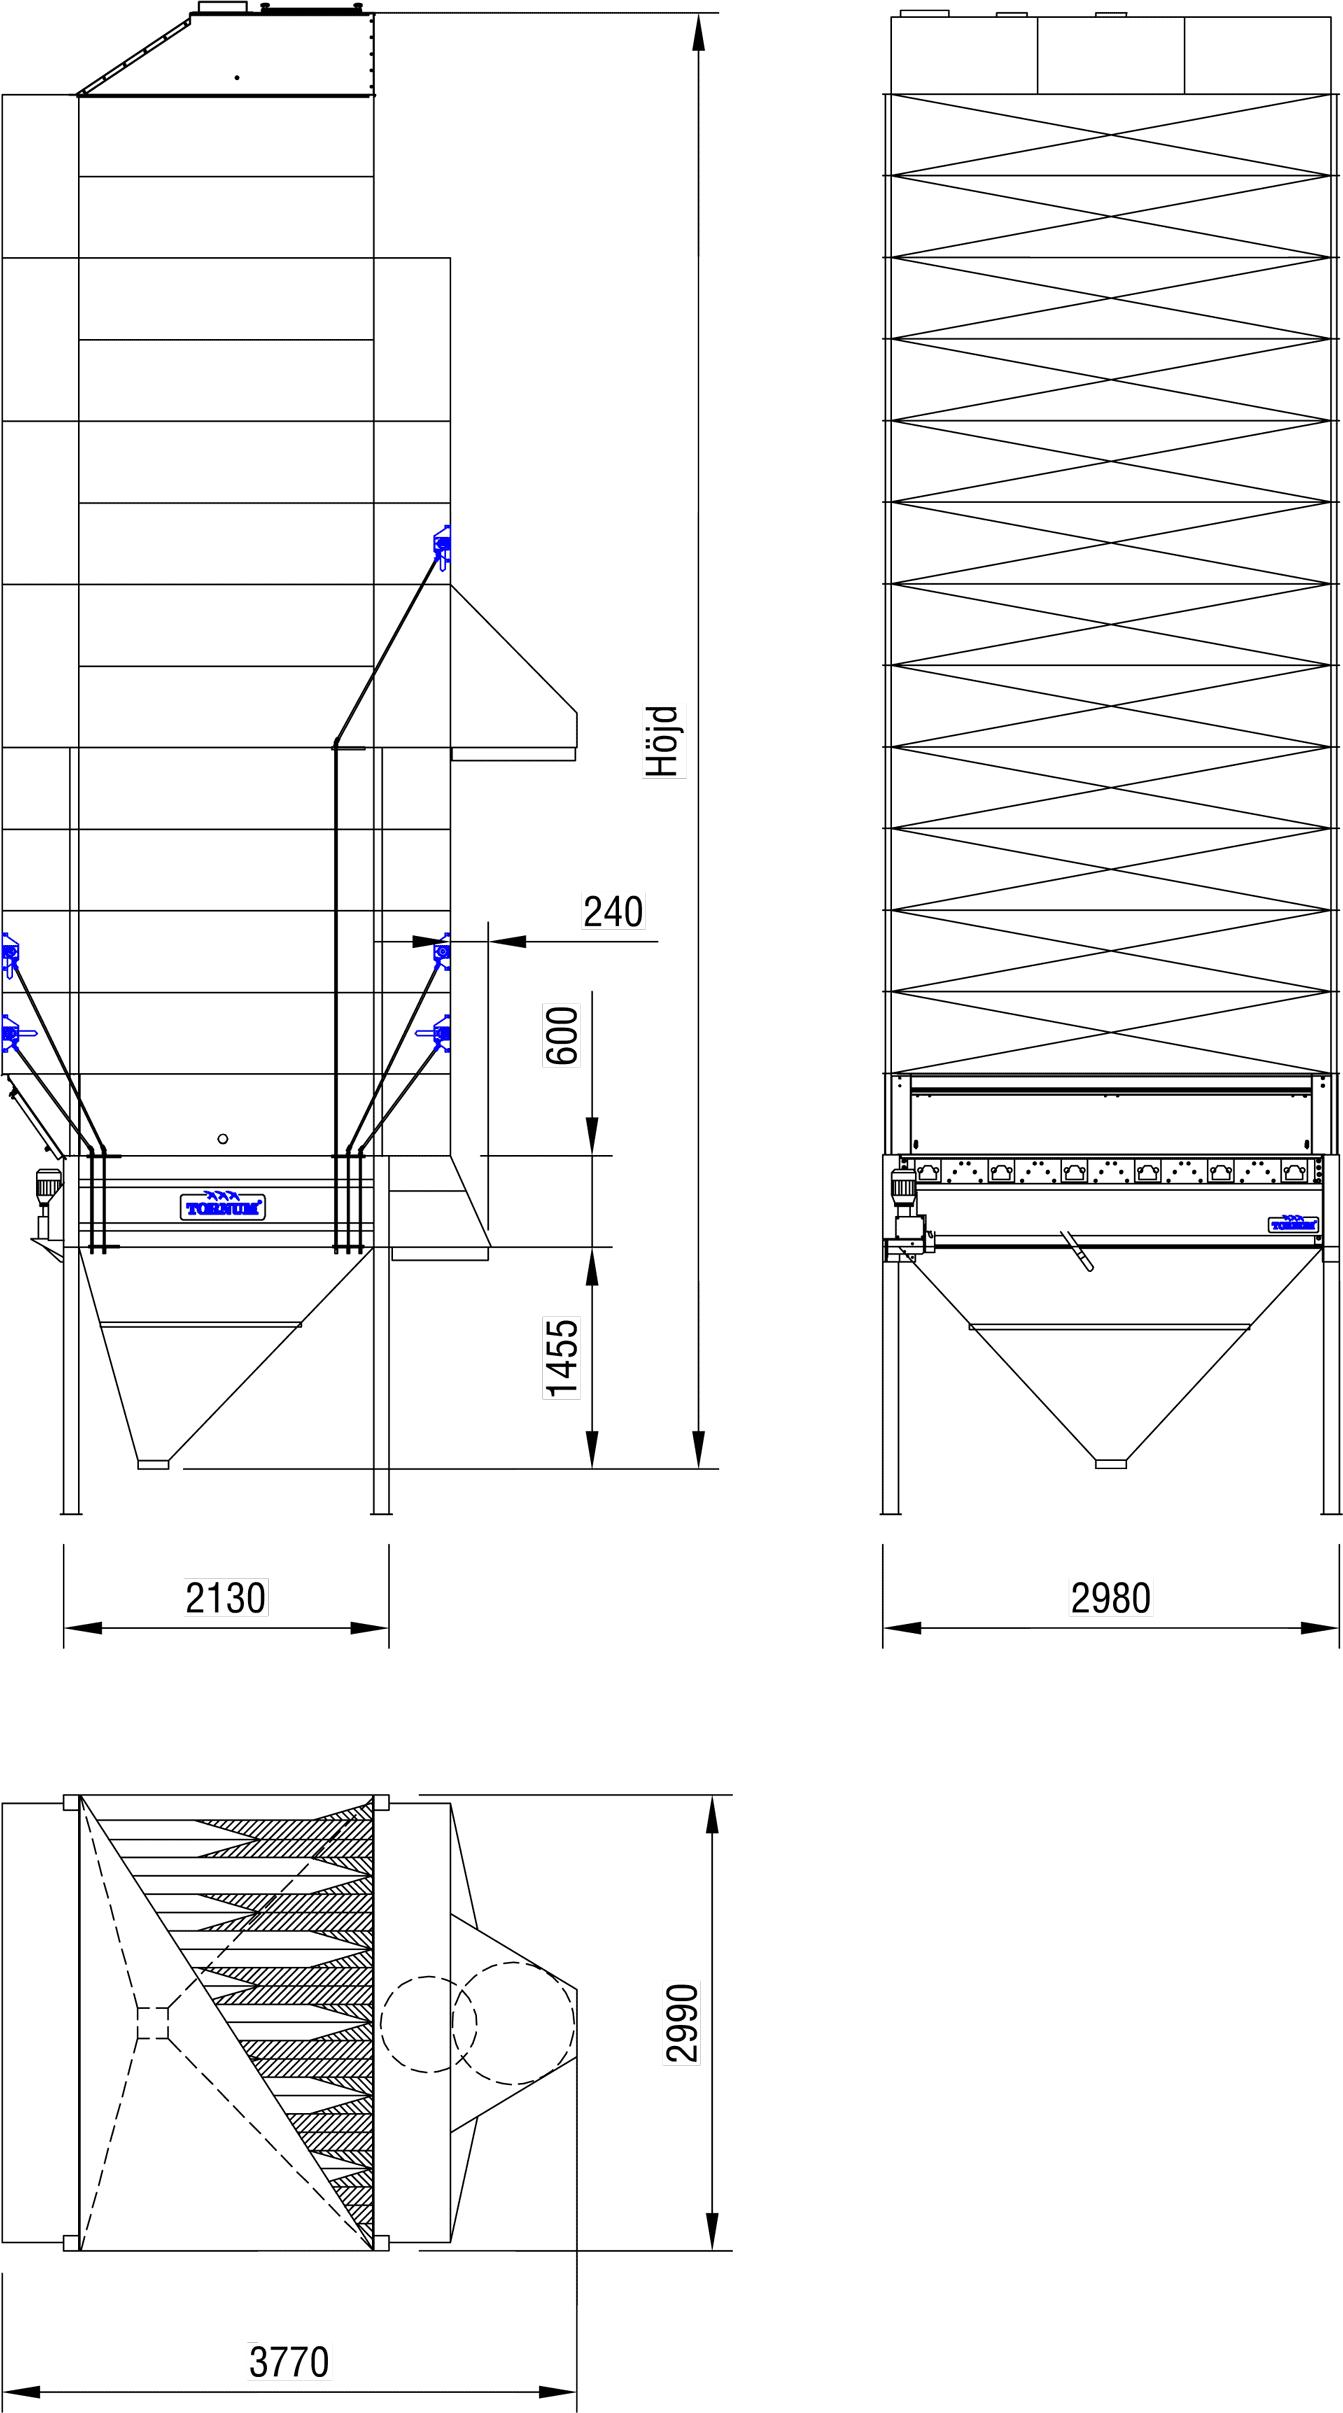 continuous grain dryer tk